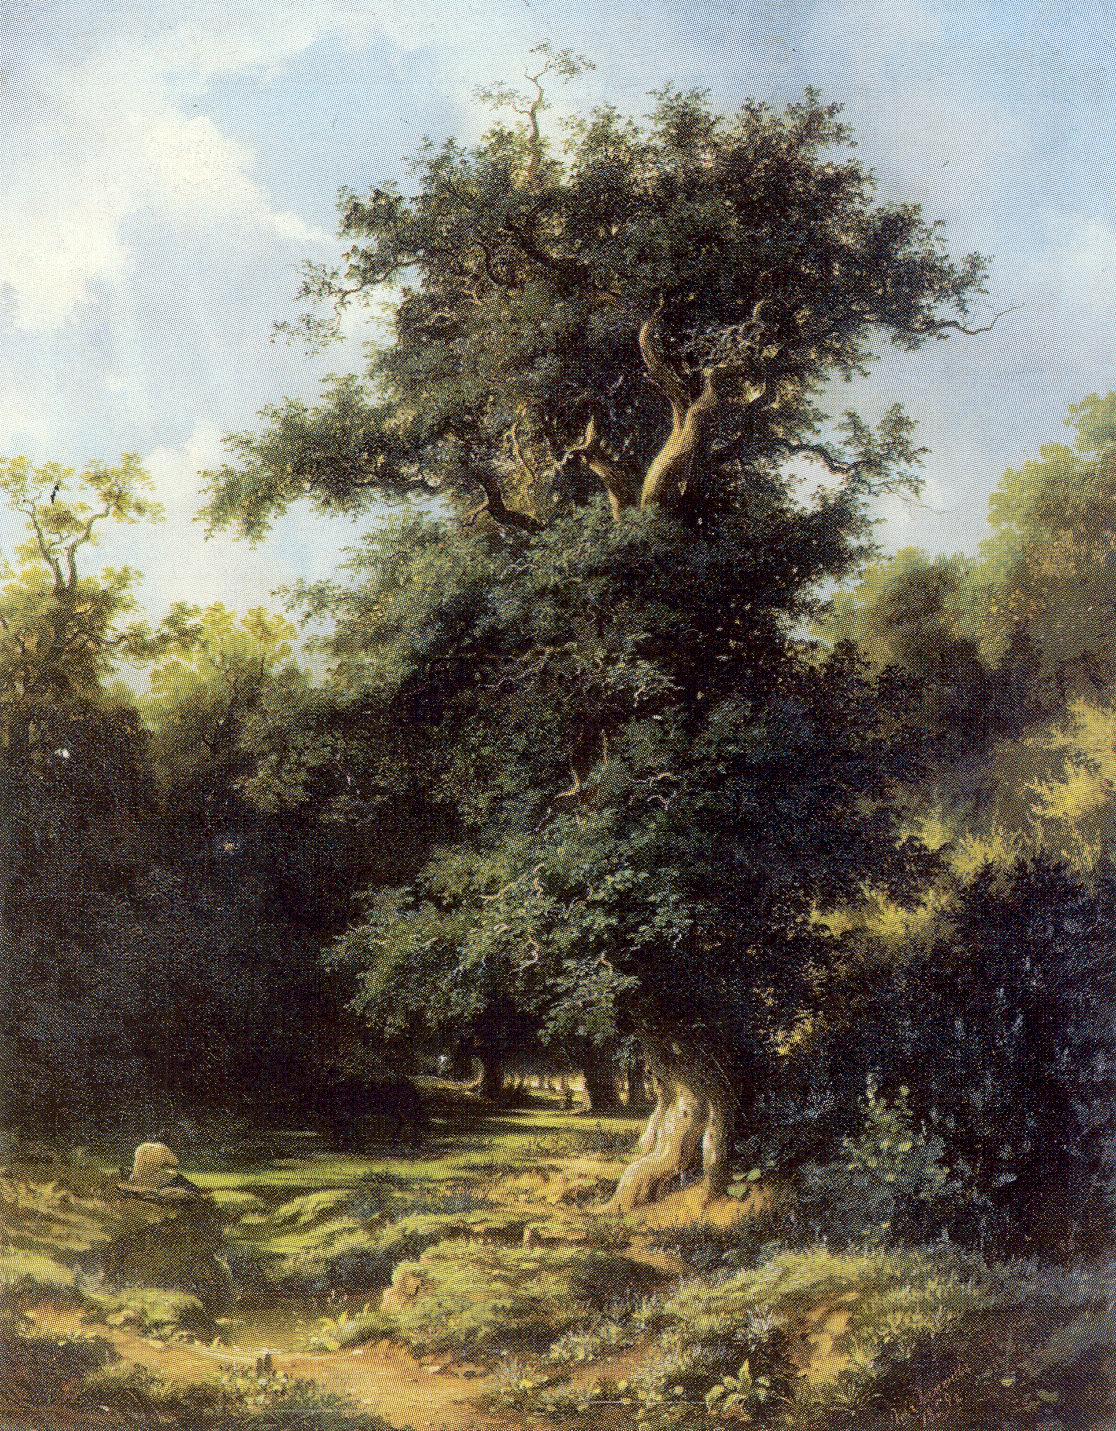 Старый дуб, Каменев Лев Львович